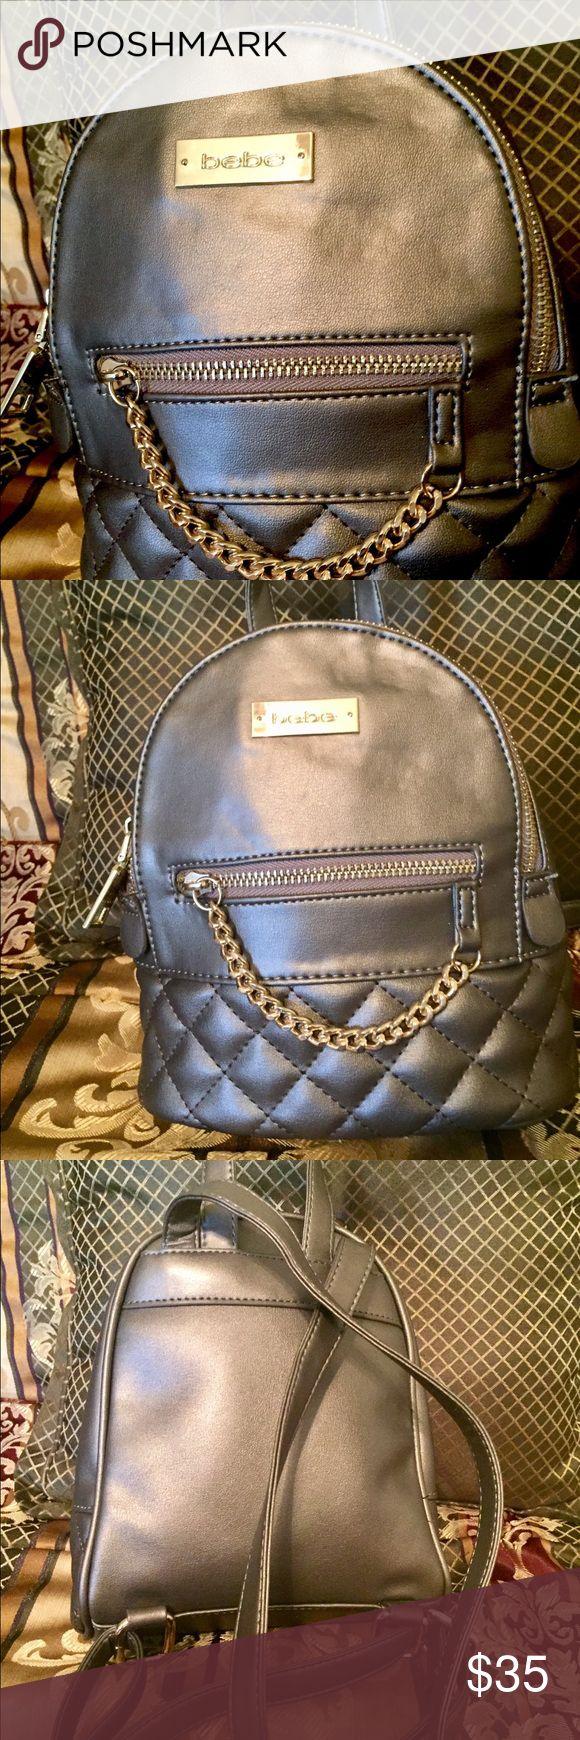 Bebe Mini Backpack Authentic Bebe olive green leather mini backpack. Brand New bebe Bags Backpacks